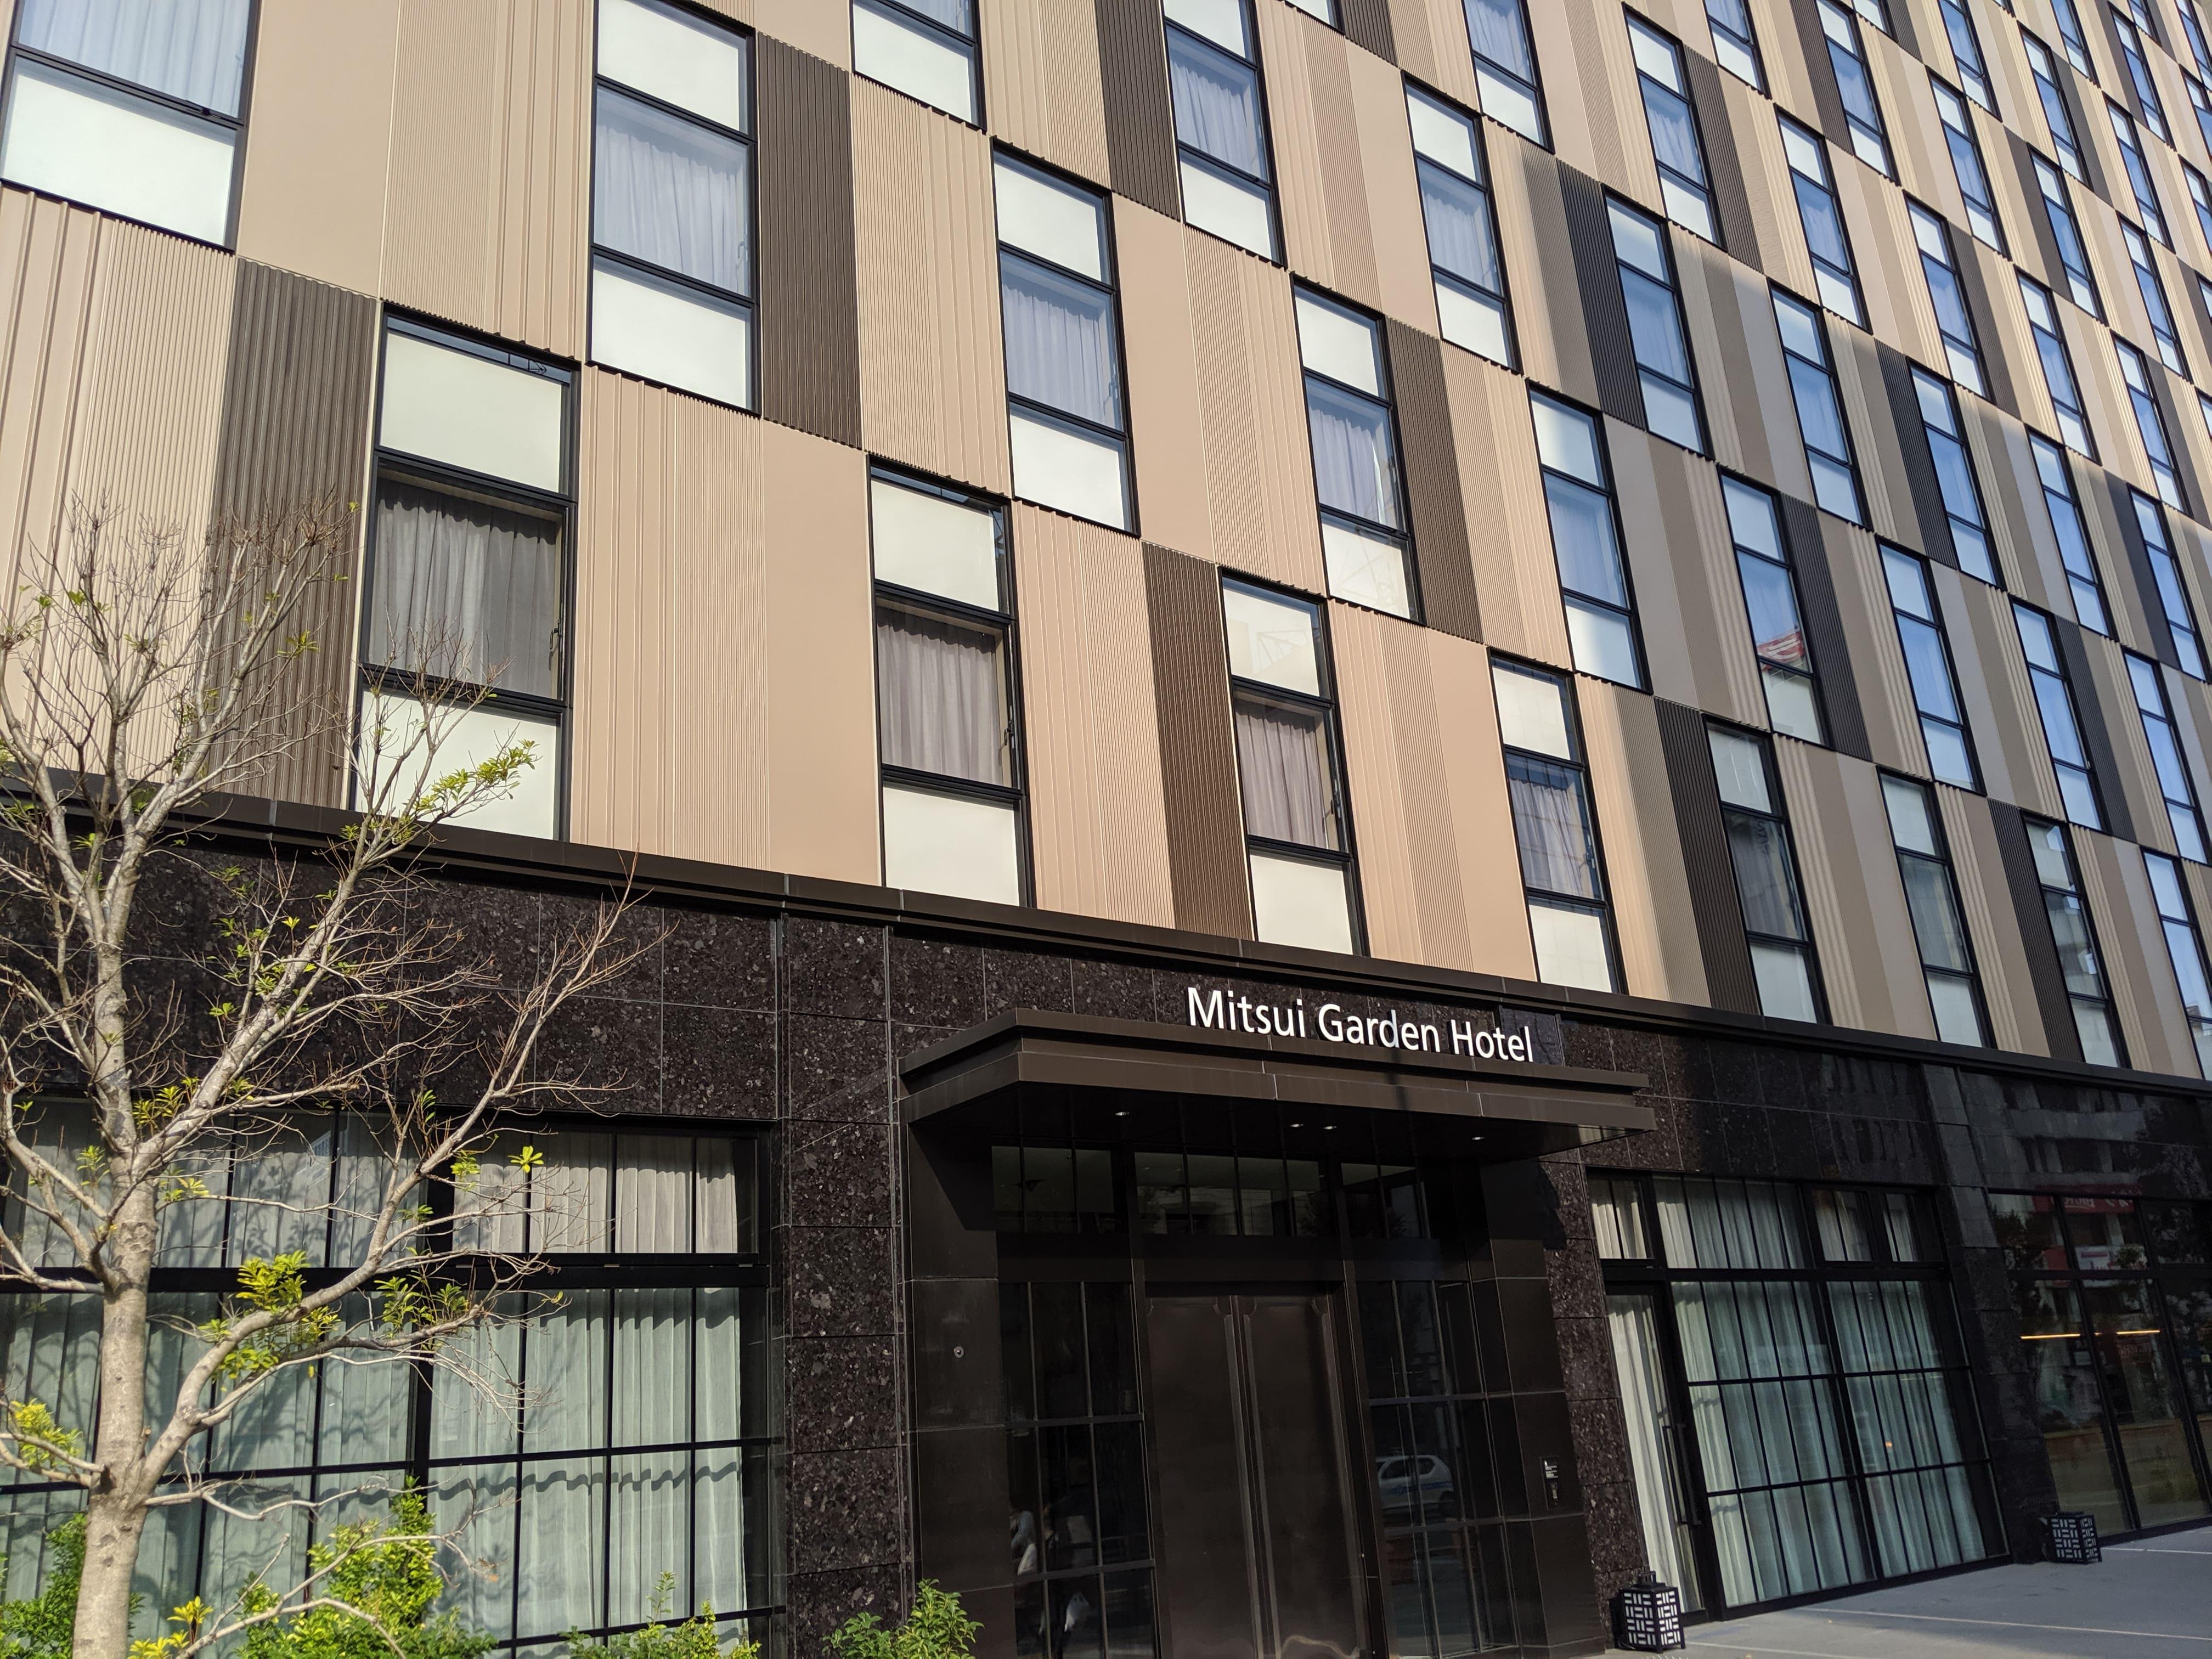 三井ガーデンホテル博多祇園